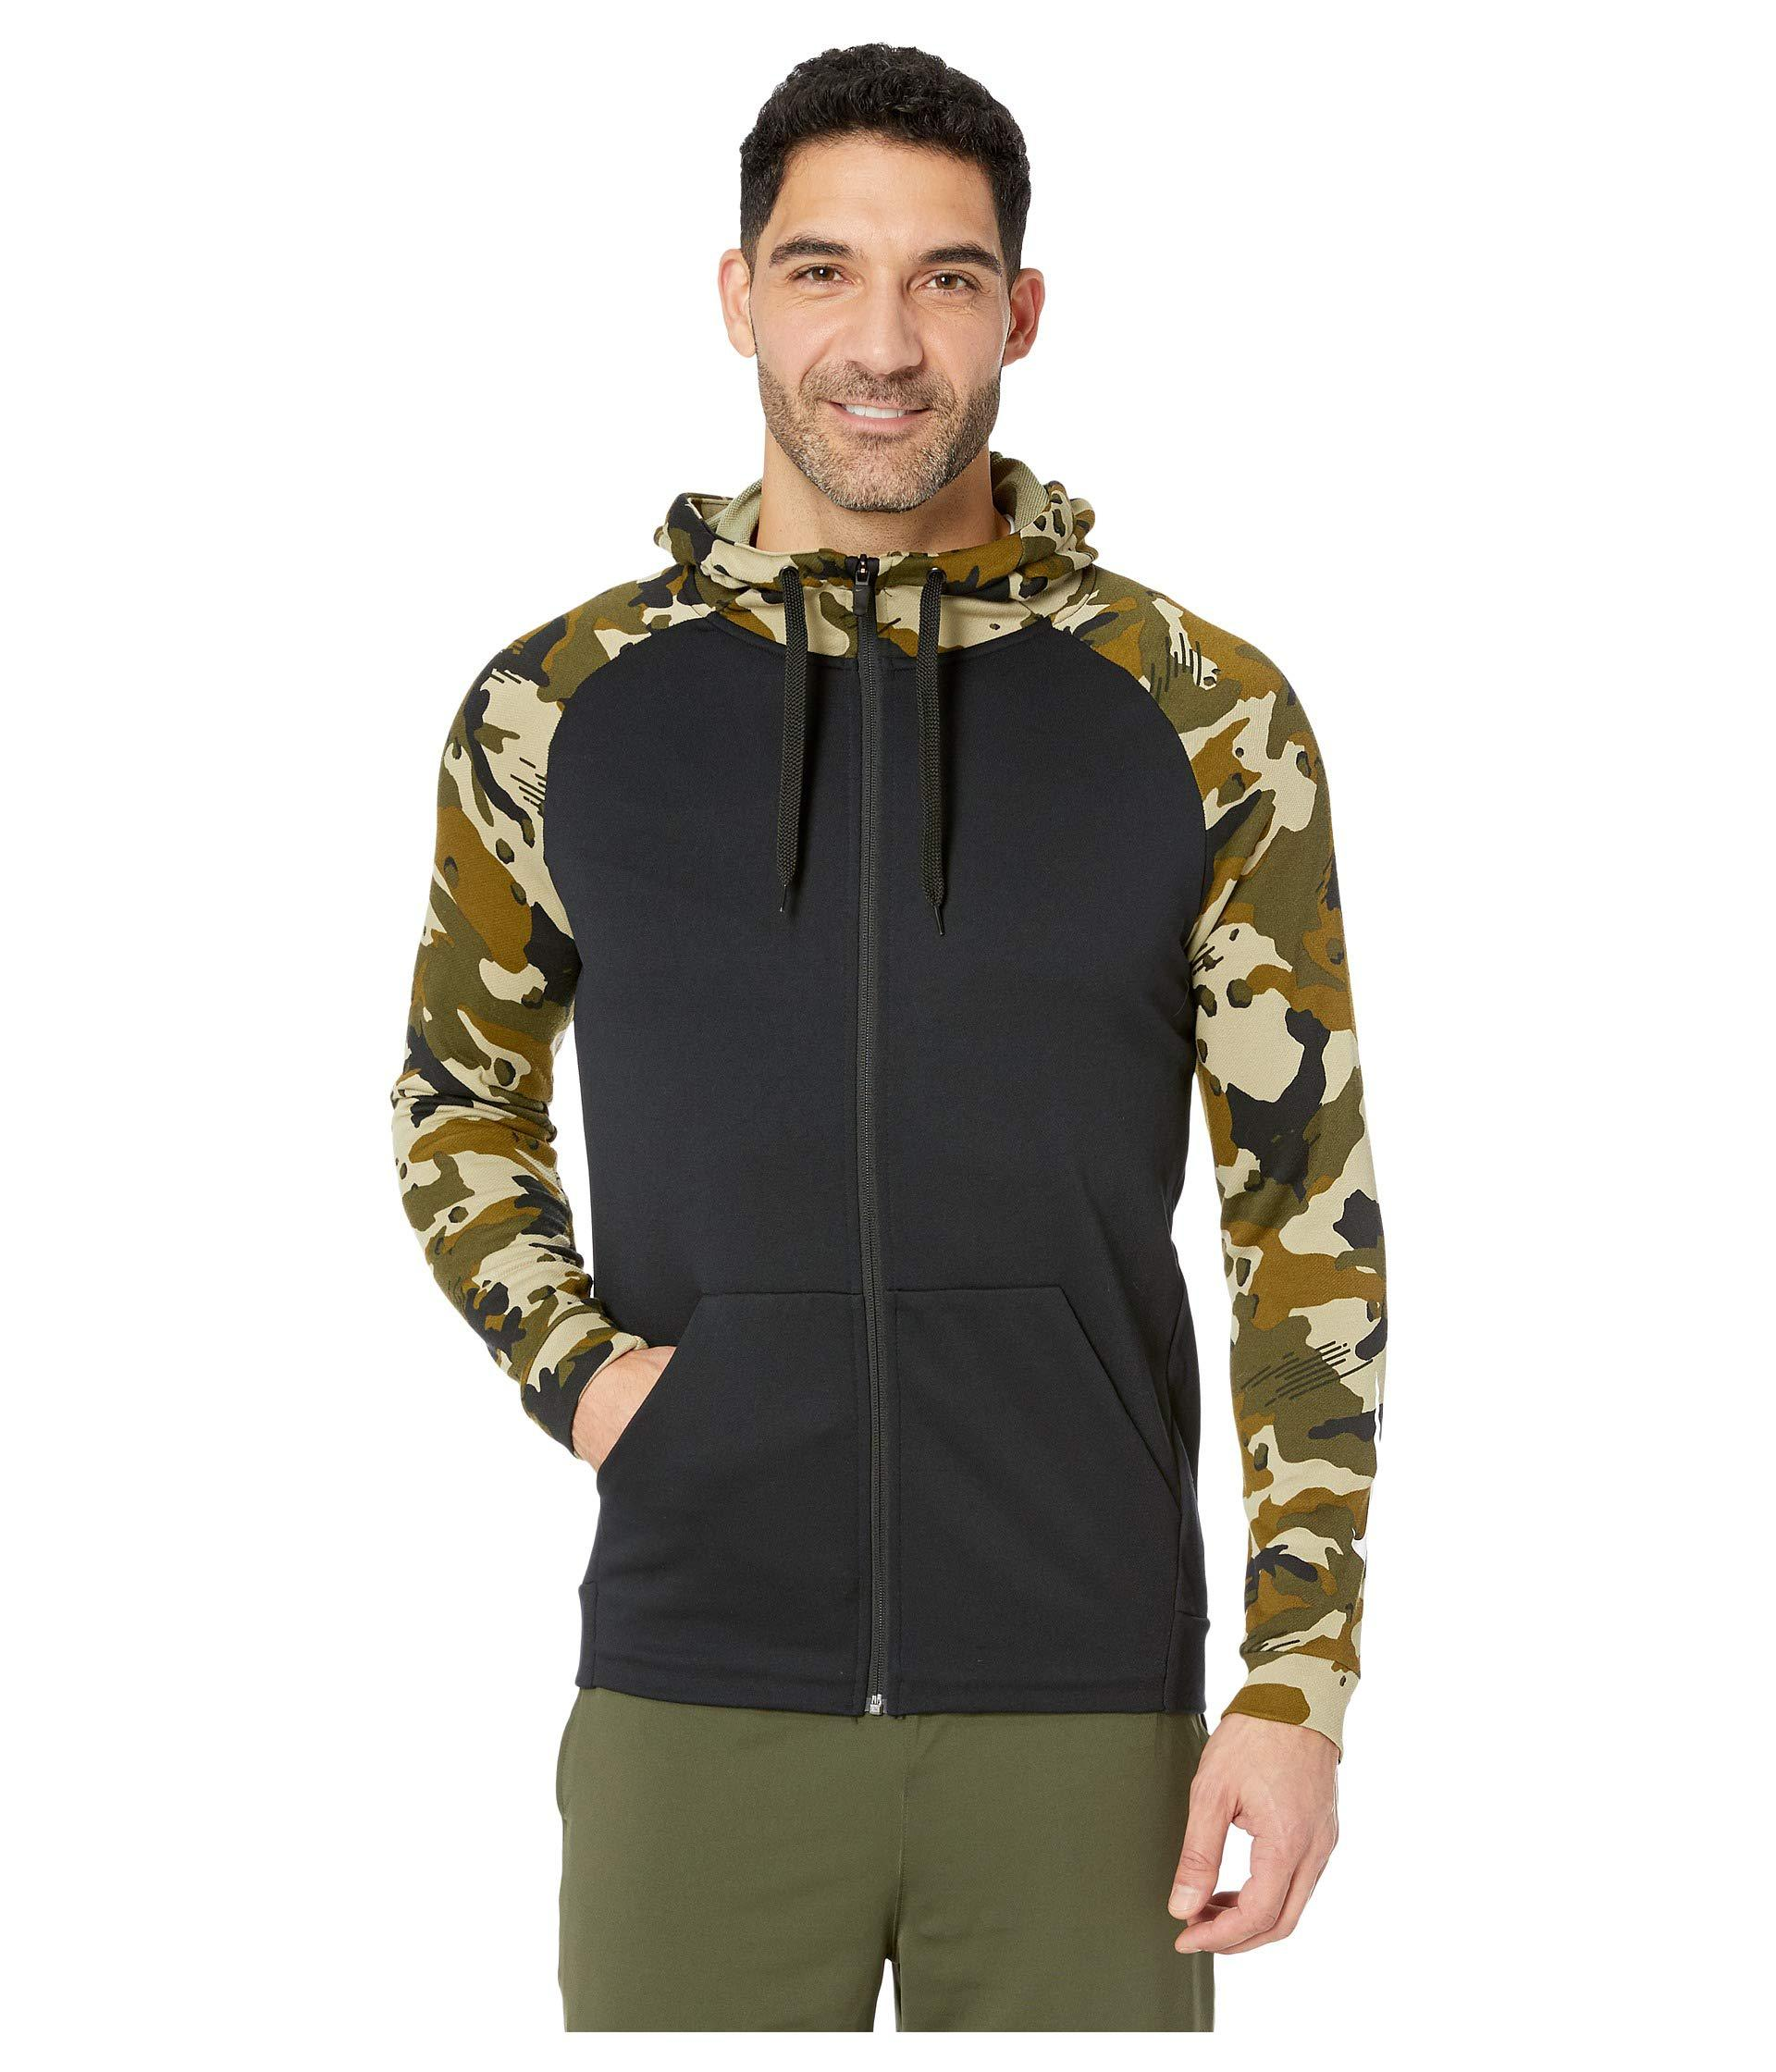 734cb3d33a8 Lyst - Nike Dry Hoodie Full Zip Fleece 2l Camo in Black for Men ...